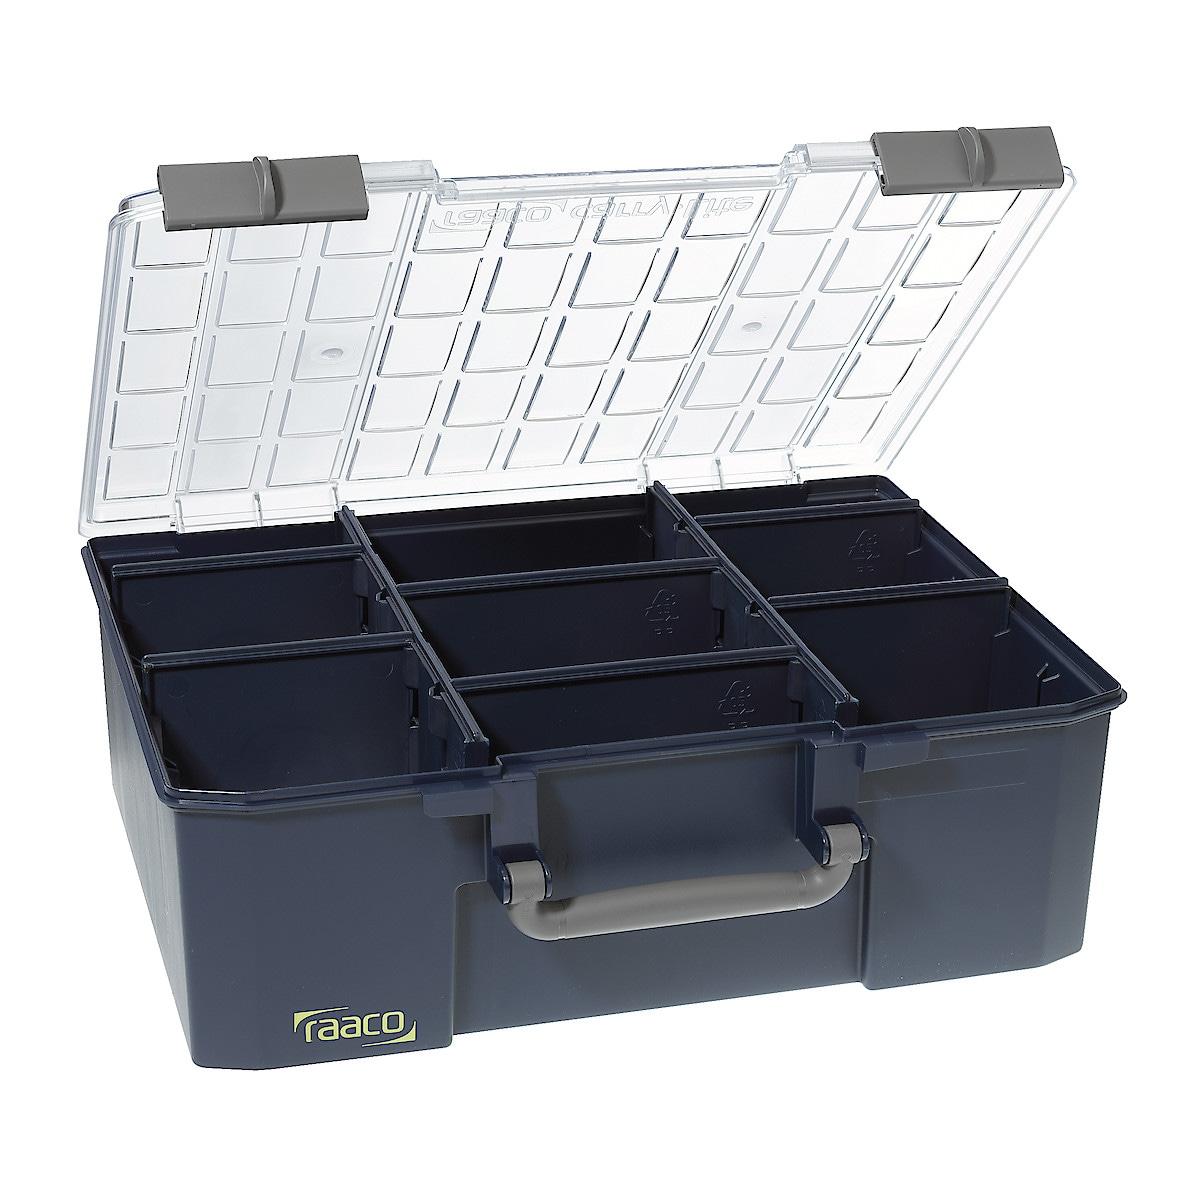 Säilytyslaatikko CarryLite 150-9, Raaco